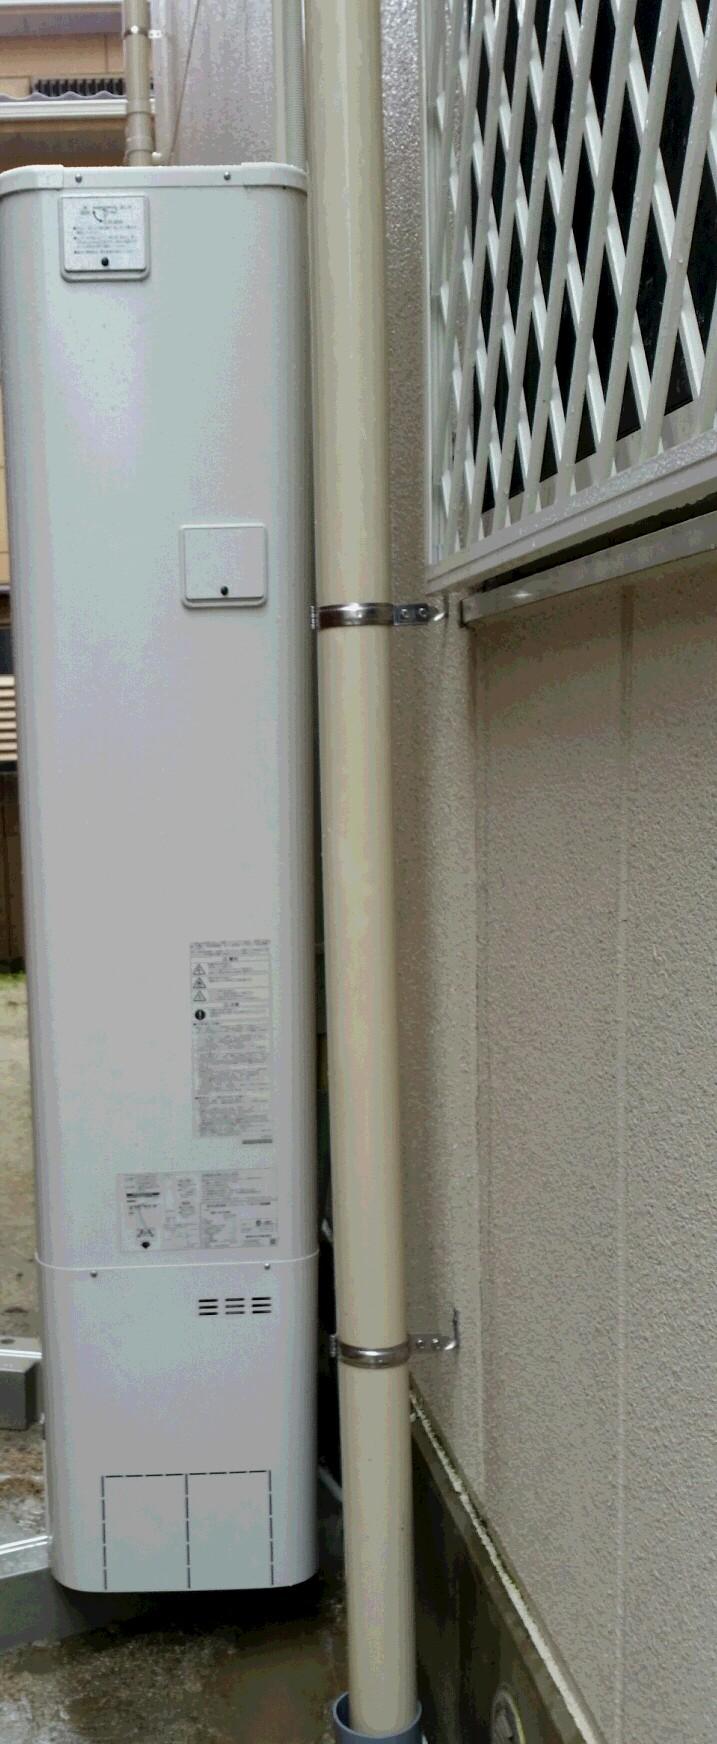 愛知県東芝エコキュート(薄型)HWH-B375HW施工後の写真